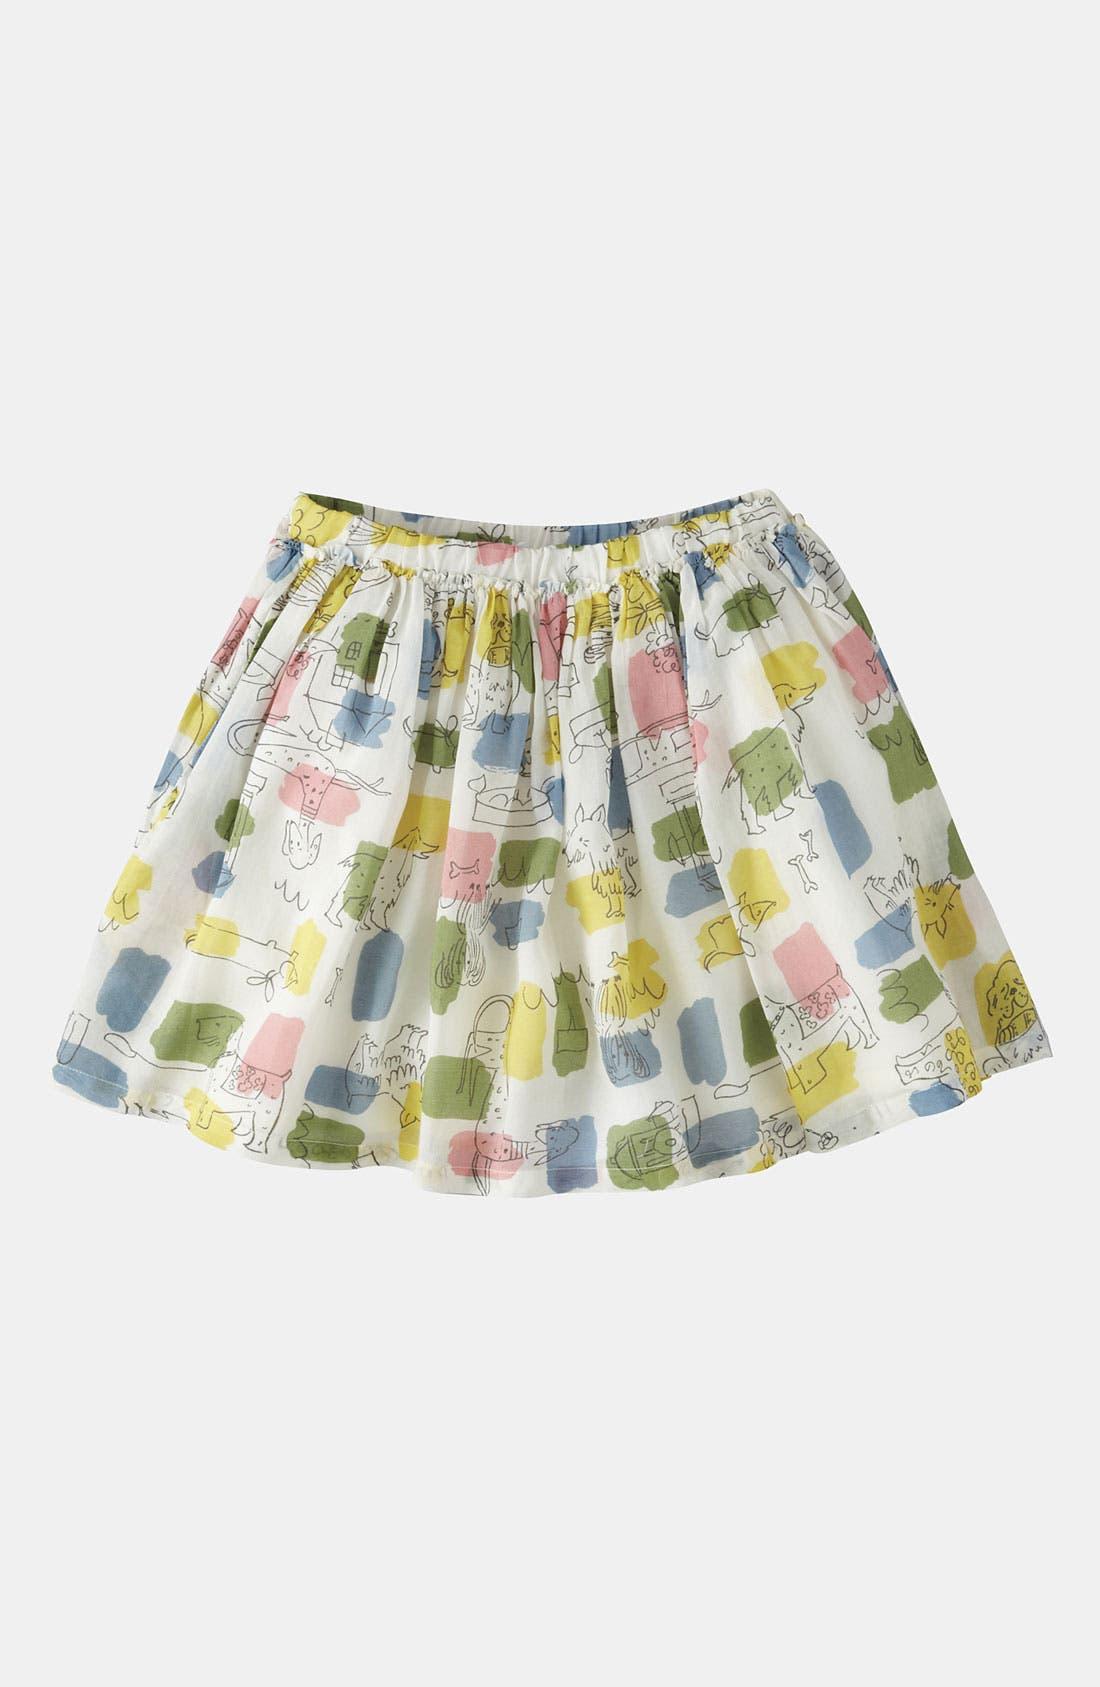 Alternate Image 1 Selected - Mini Boden 'Fun' Print Skirt (Little Girls & Big Girls)